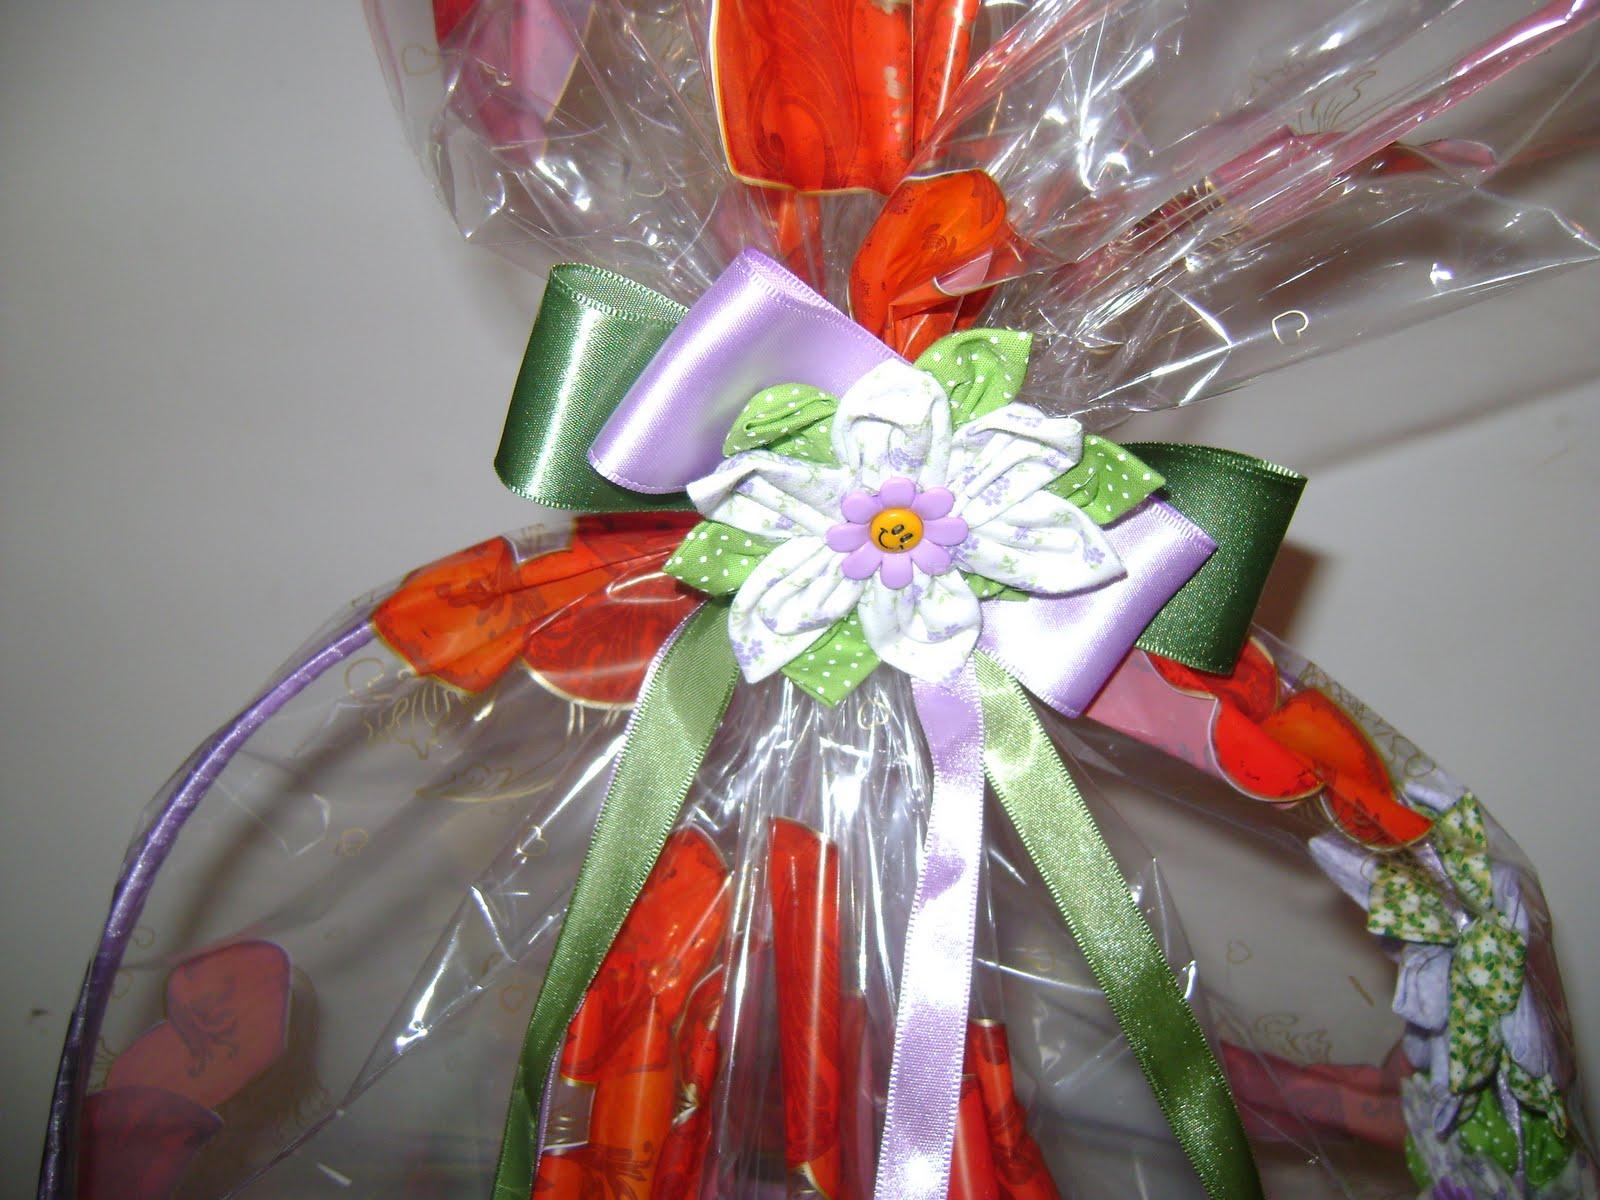 http://2.bp.blogspot.com/_UG3IfqLXa68/S_24JCwu_LI/AAAAAAAAAOc/d2fw2_98G9Q/s1600/artesanatos+006.jpg